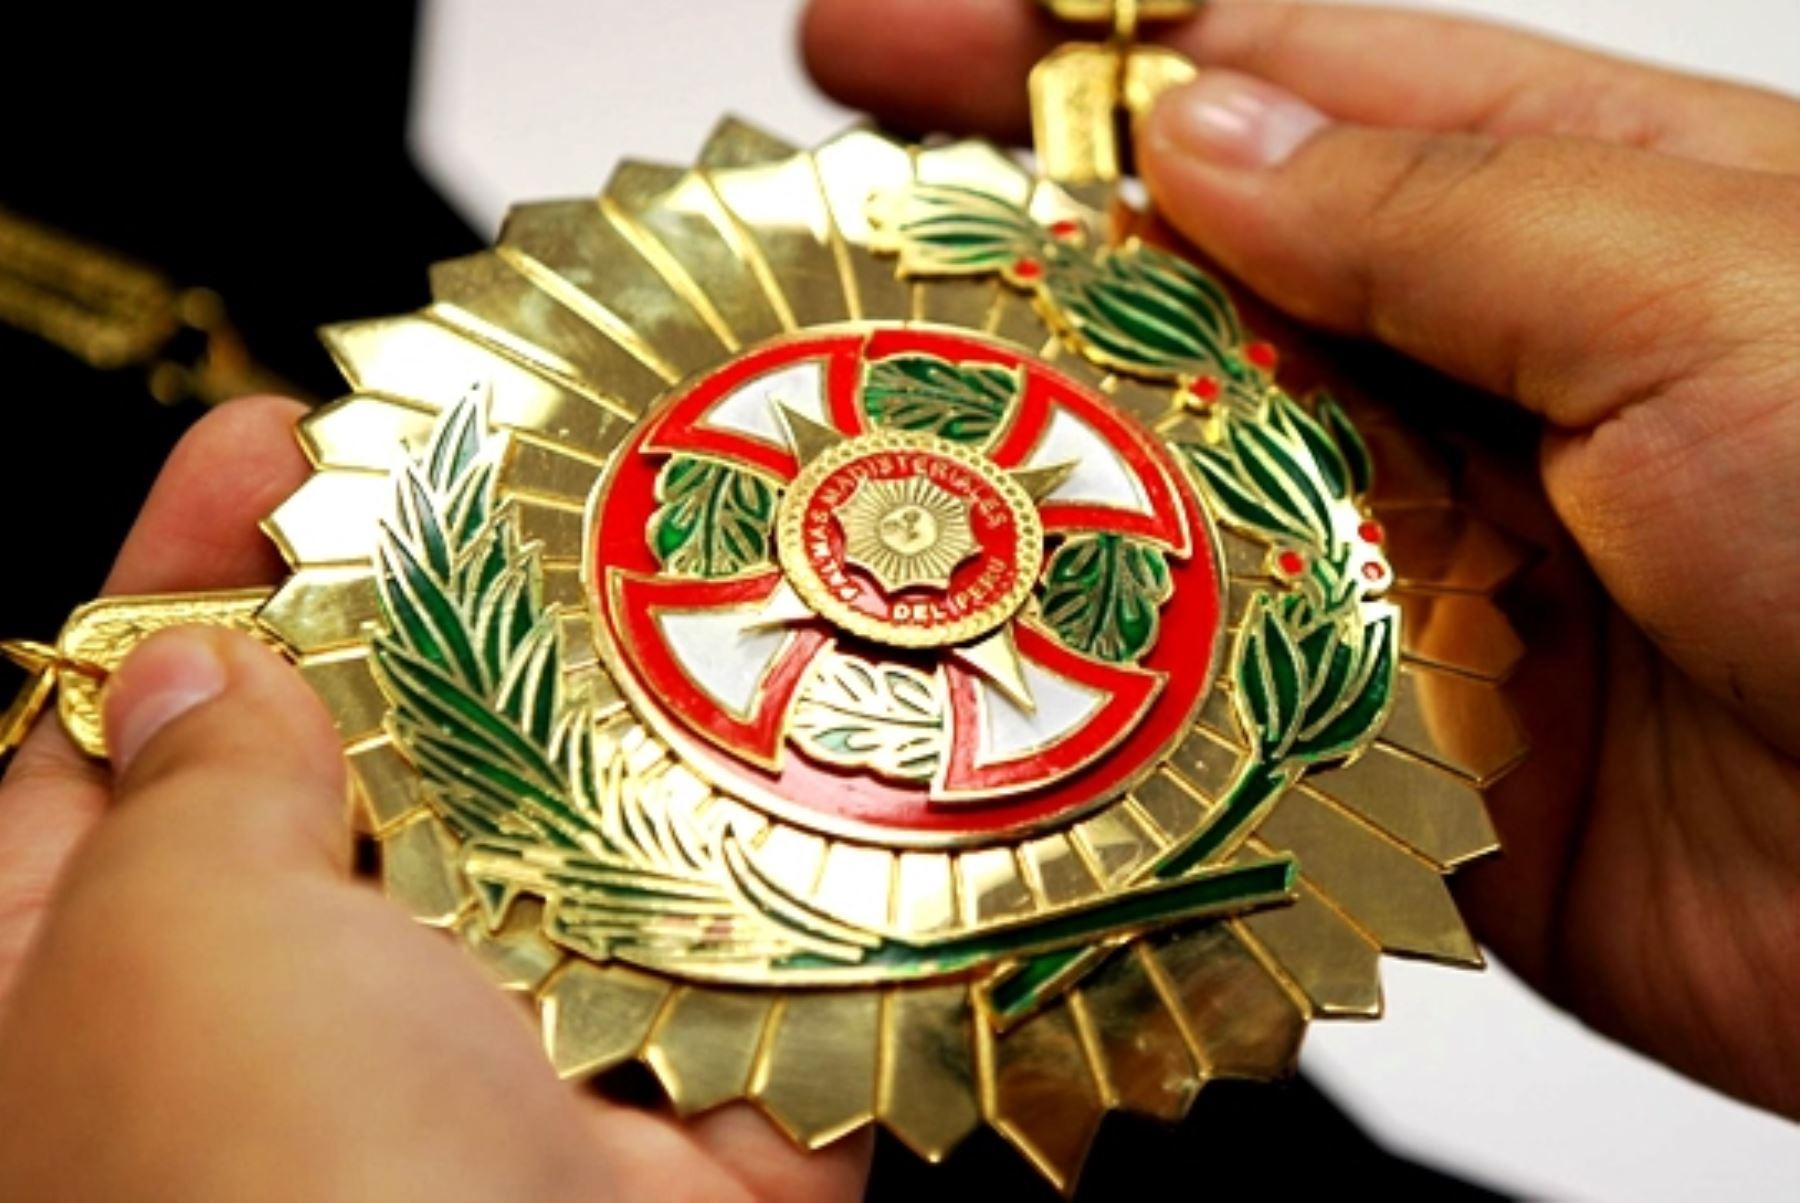 Palmas magisteriales: conoce a los 25 profesionales que serán condecorados